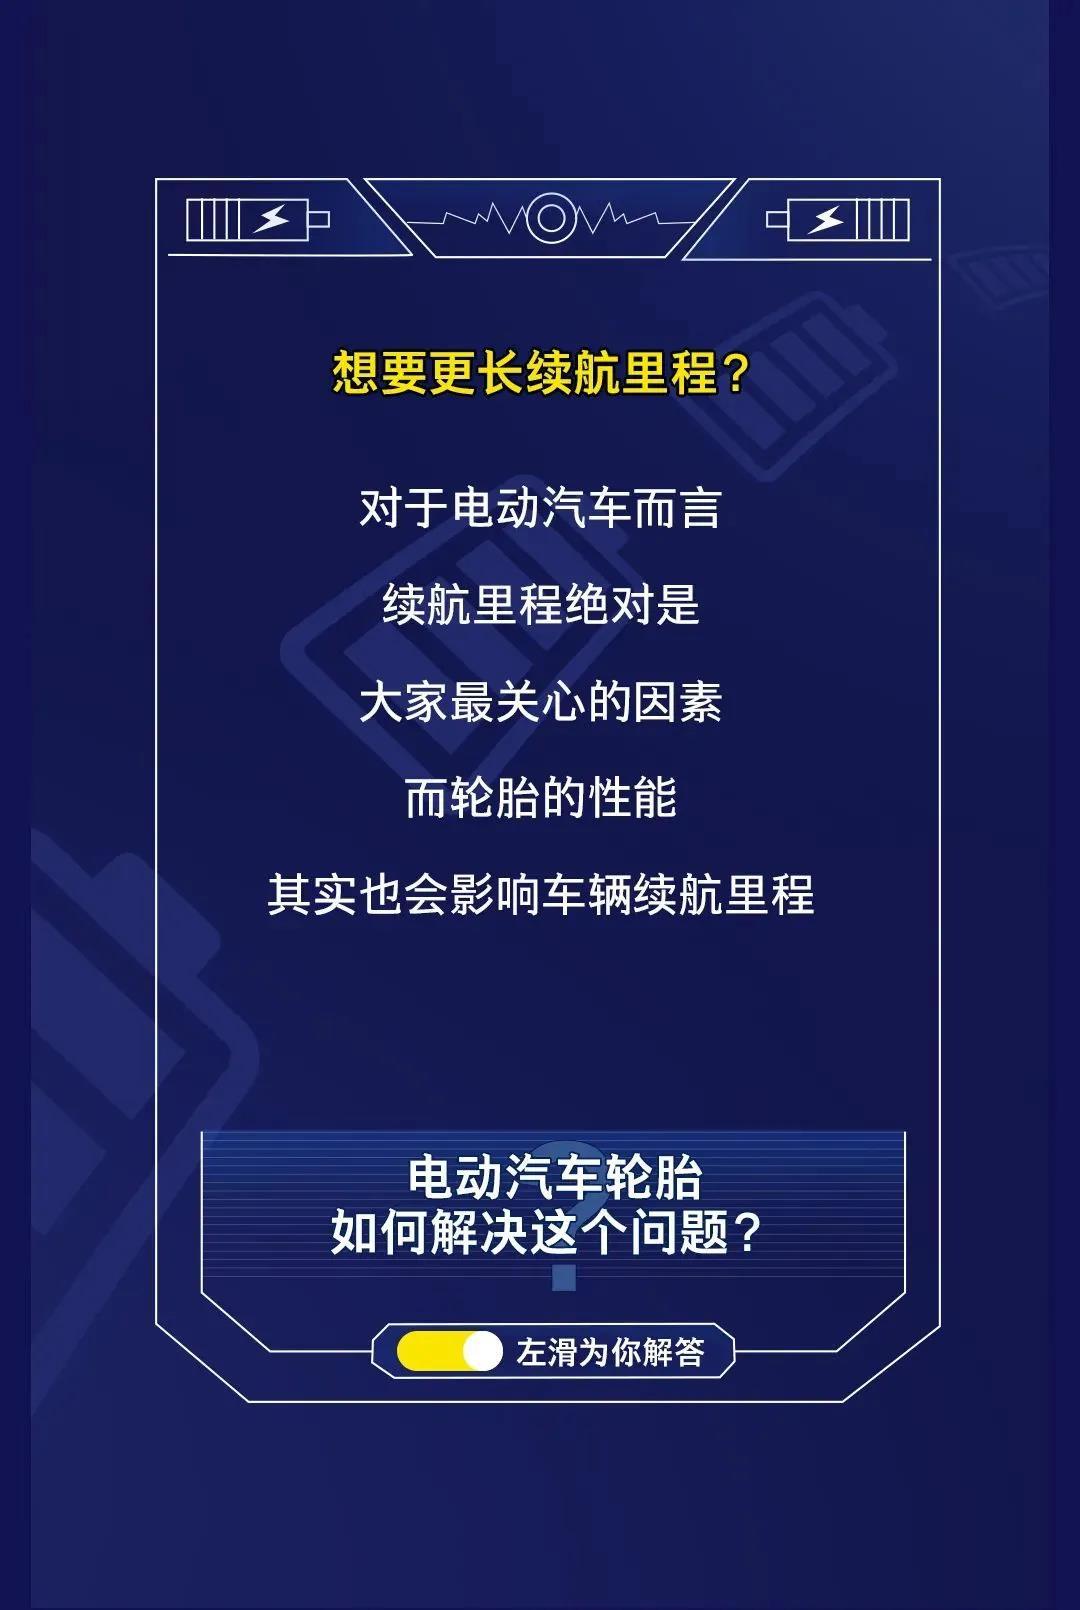 东莞市富兴贸易有限公司